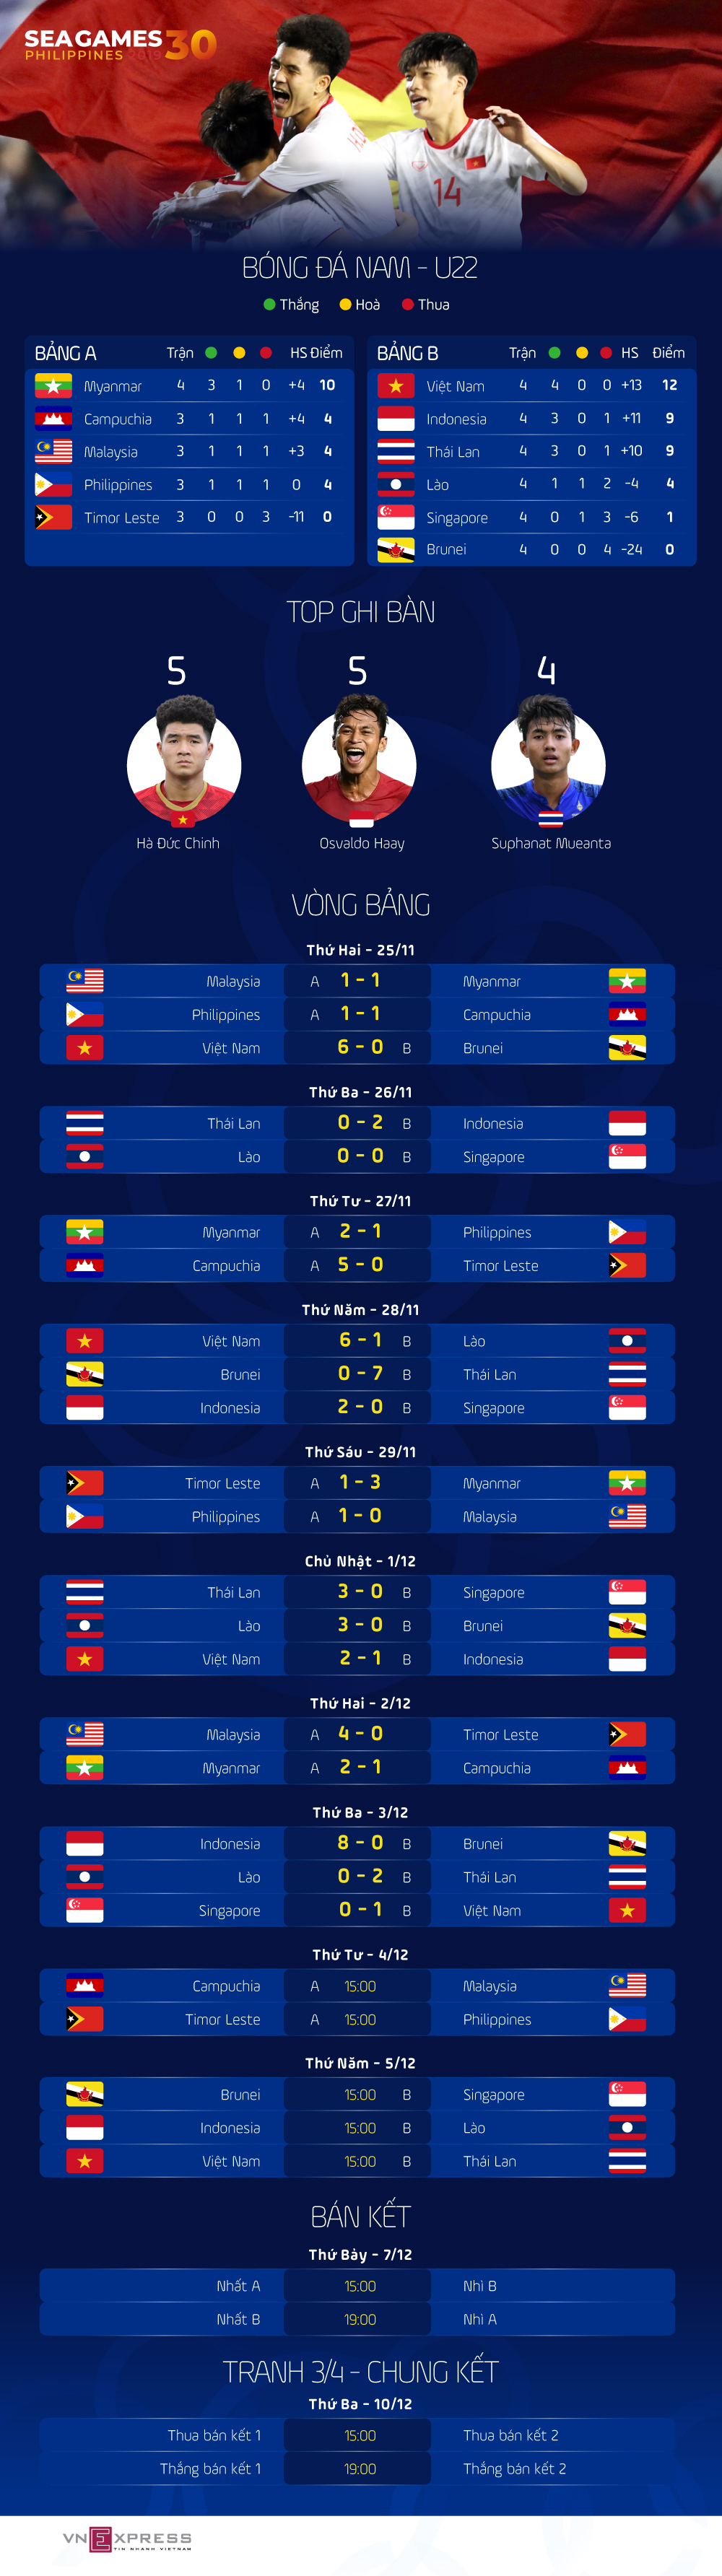 [Infographics] Lịch đấu, bảng điểm SEA Games 30: Thái Lan tụt xuống thứ ba bảng B - Ảnh 1